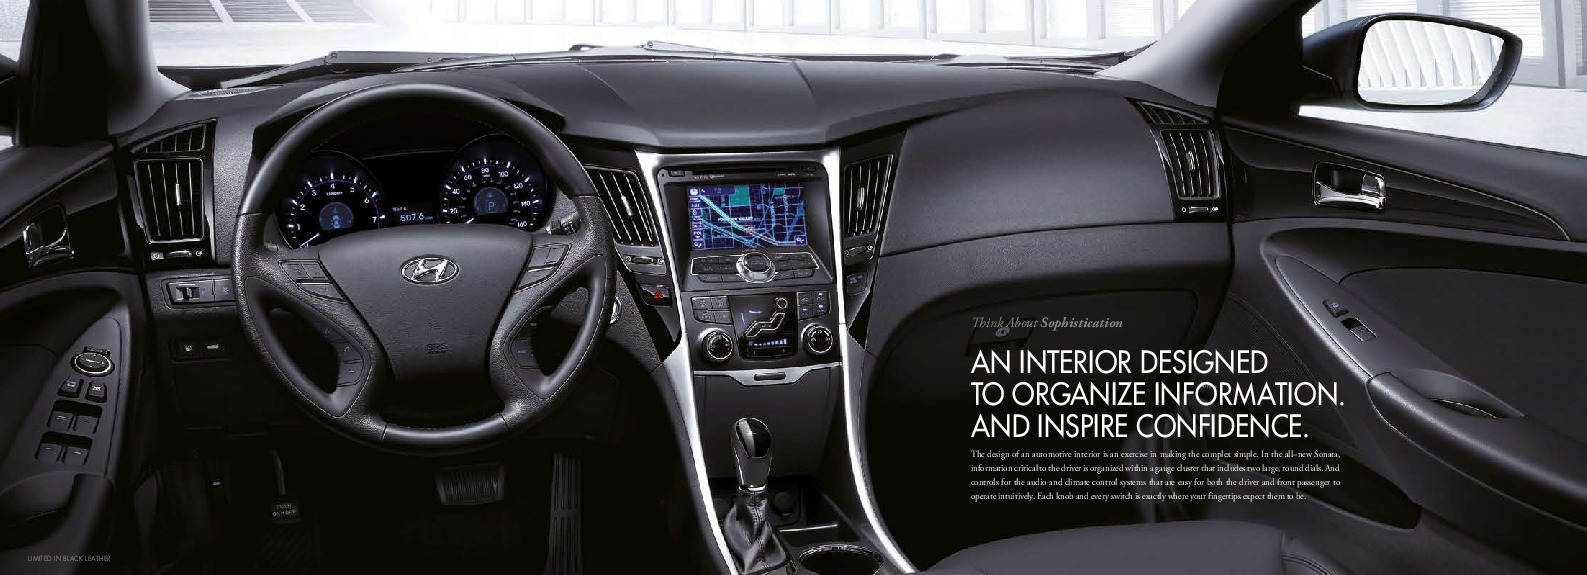 2011 hyundai sonata 2 4l gls se limited hyundai i45 catalogue brochure rh auto filemanual com Hyundai I40 Sedan Hyundai I45 Houston